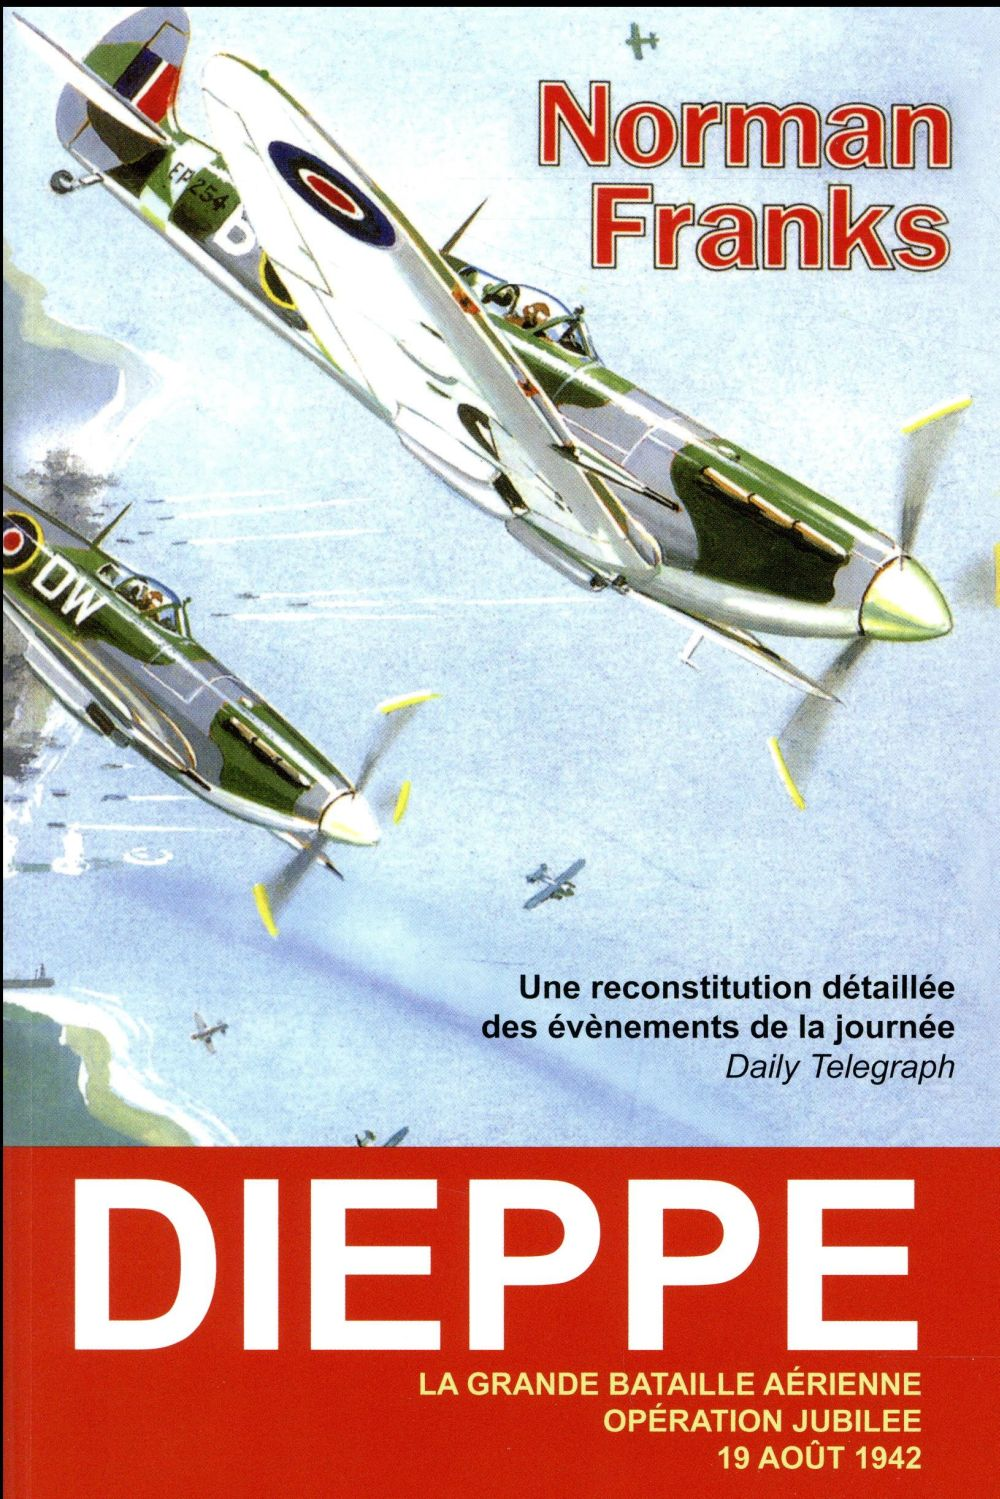 Dieppe ; la grande bataille aérienne, opération jubilé, 19 août 1942